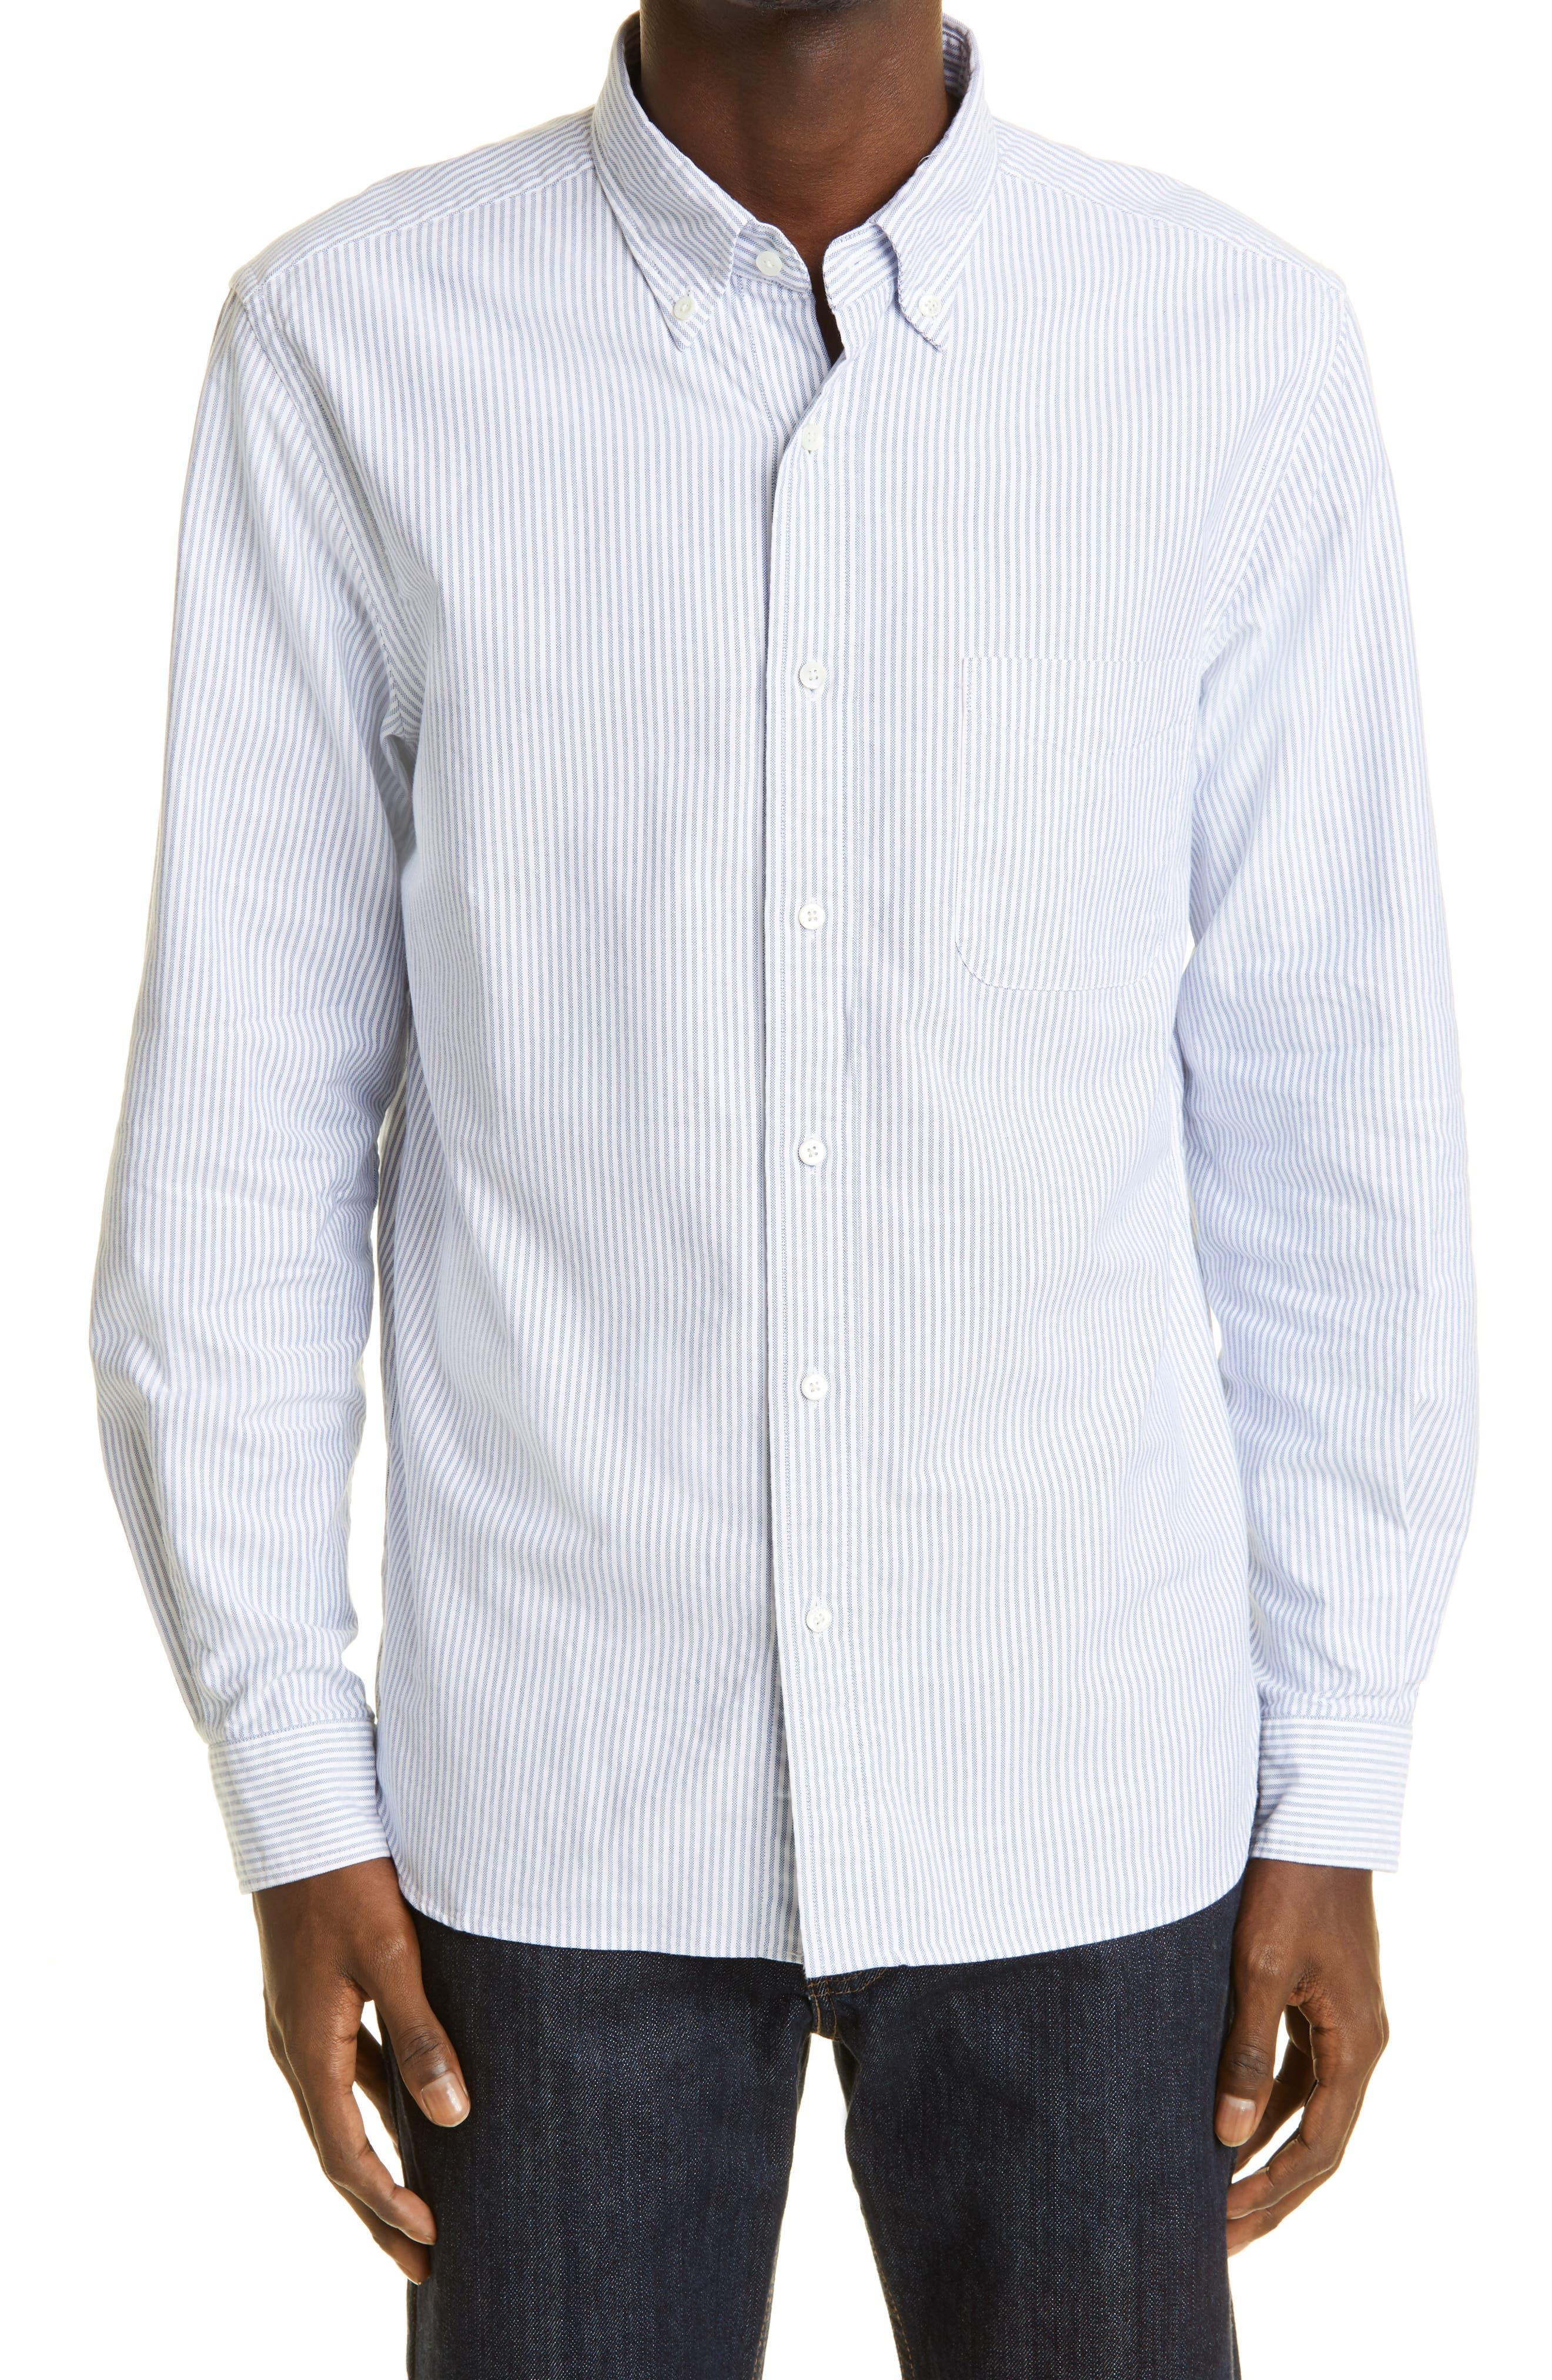 Candy Stripe Oxford Button-Down Shirt